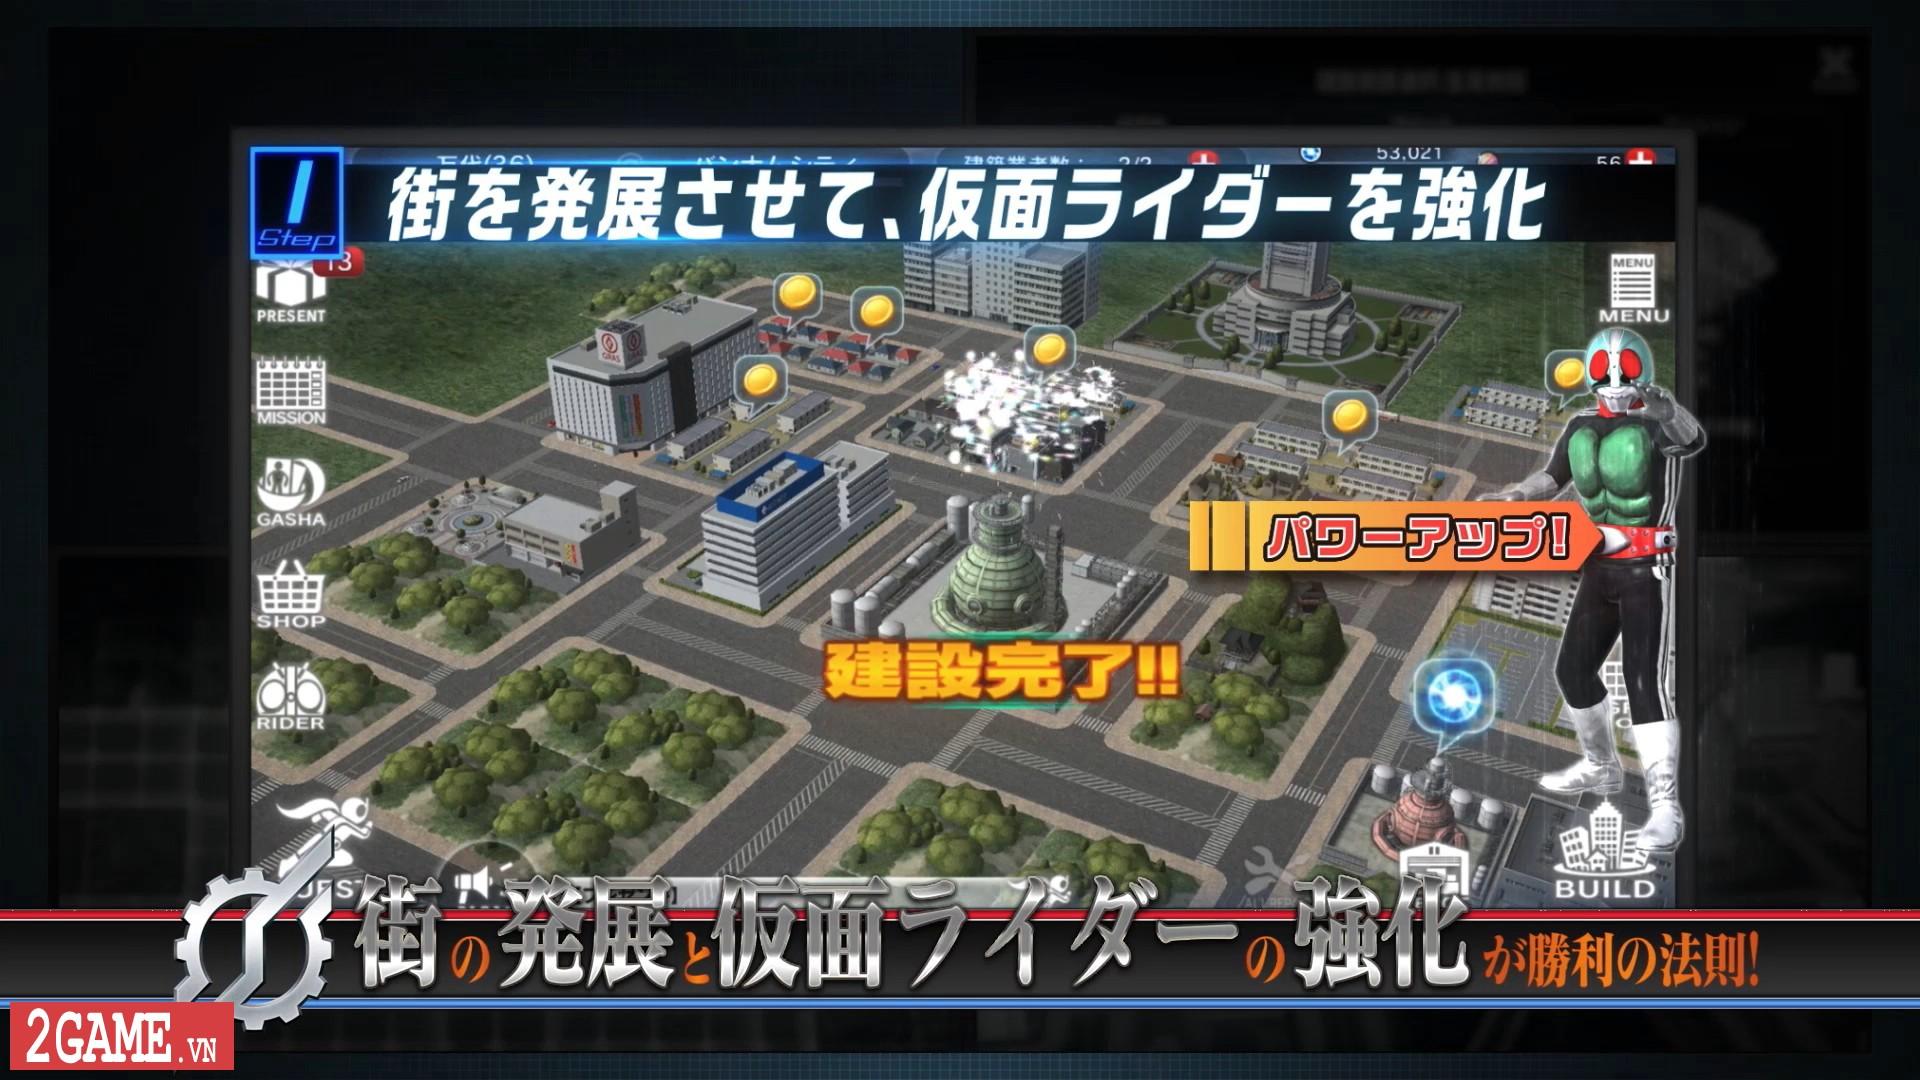 Kamen Rider: Climax Fighters - Game về Siêu nhân Phi Long bất ngờ đổ bộ lên nền tảng di động 4